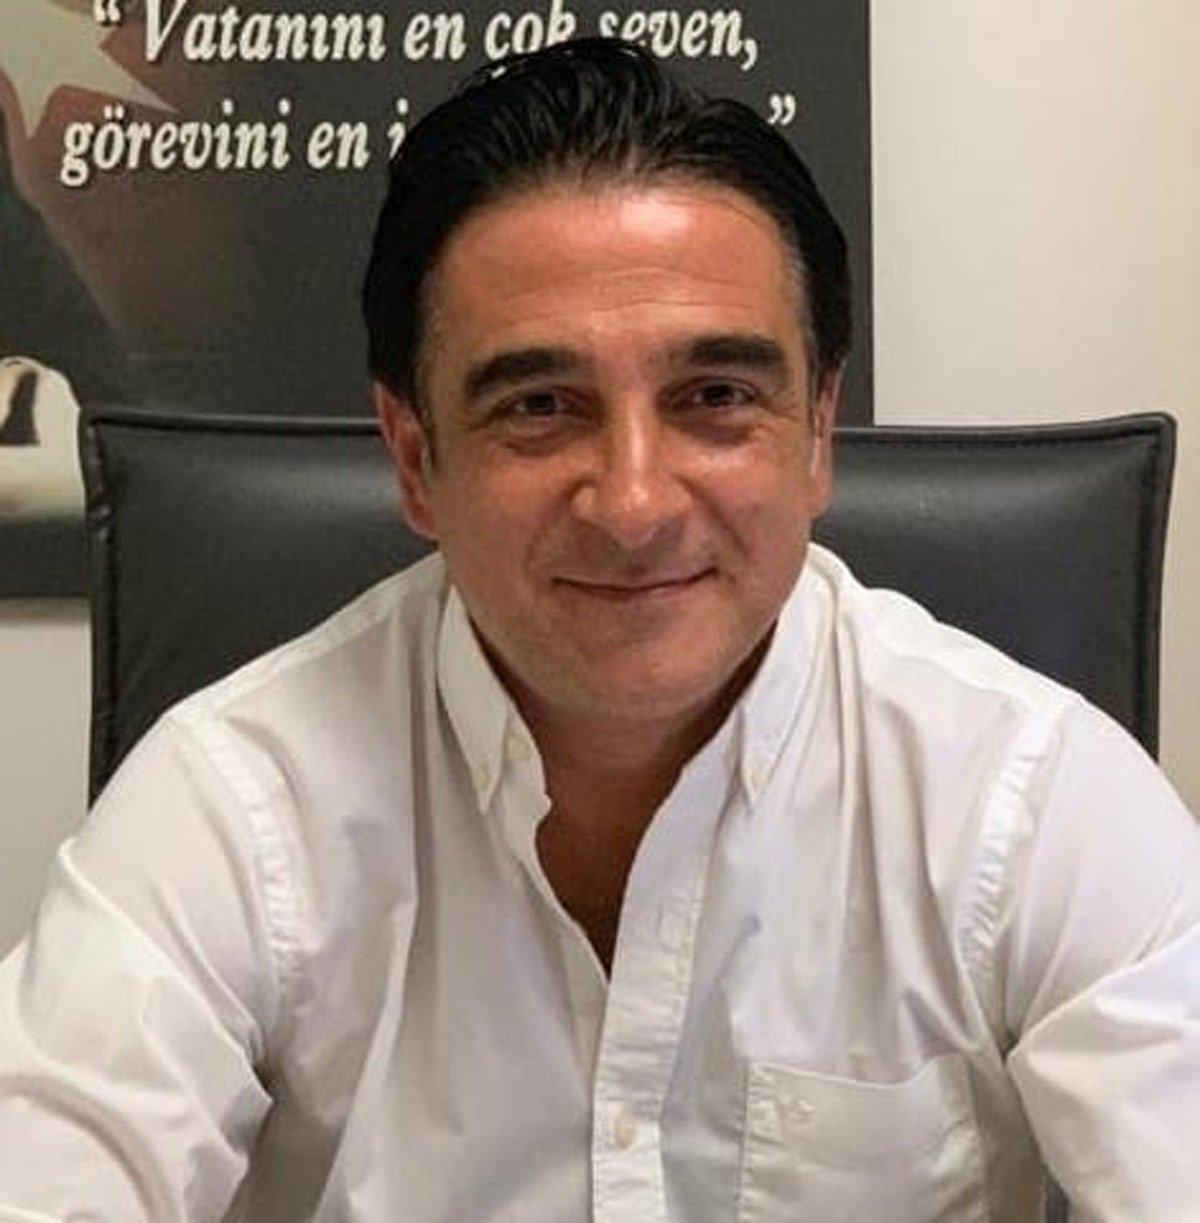 İYİ Parti İzmir İl Başkan Yardımcısı hayatını kaybetti